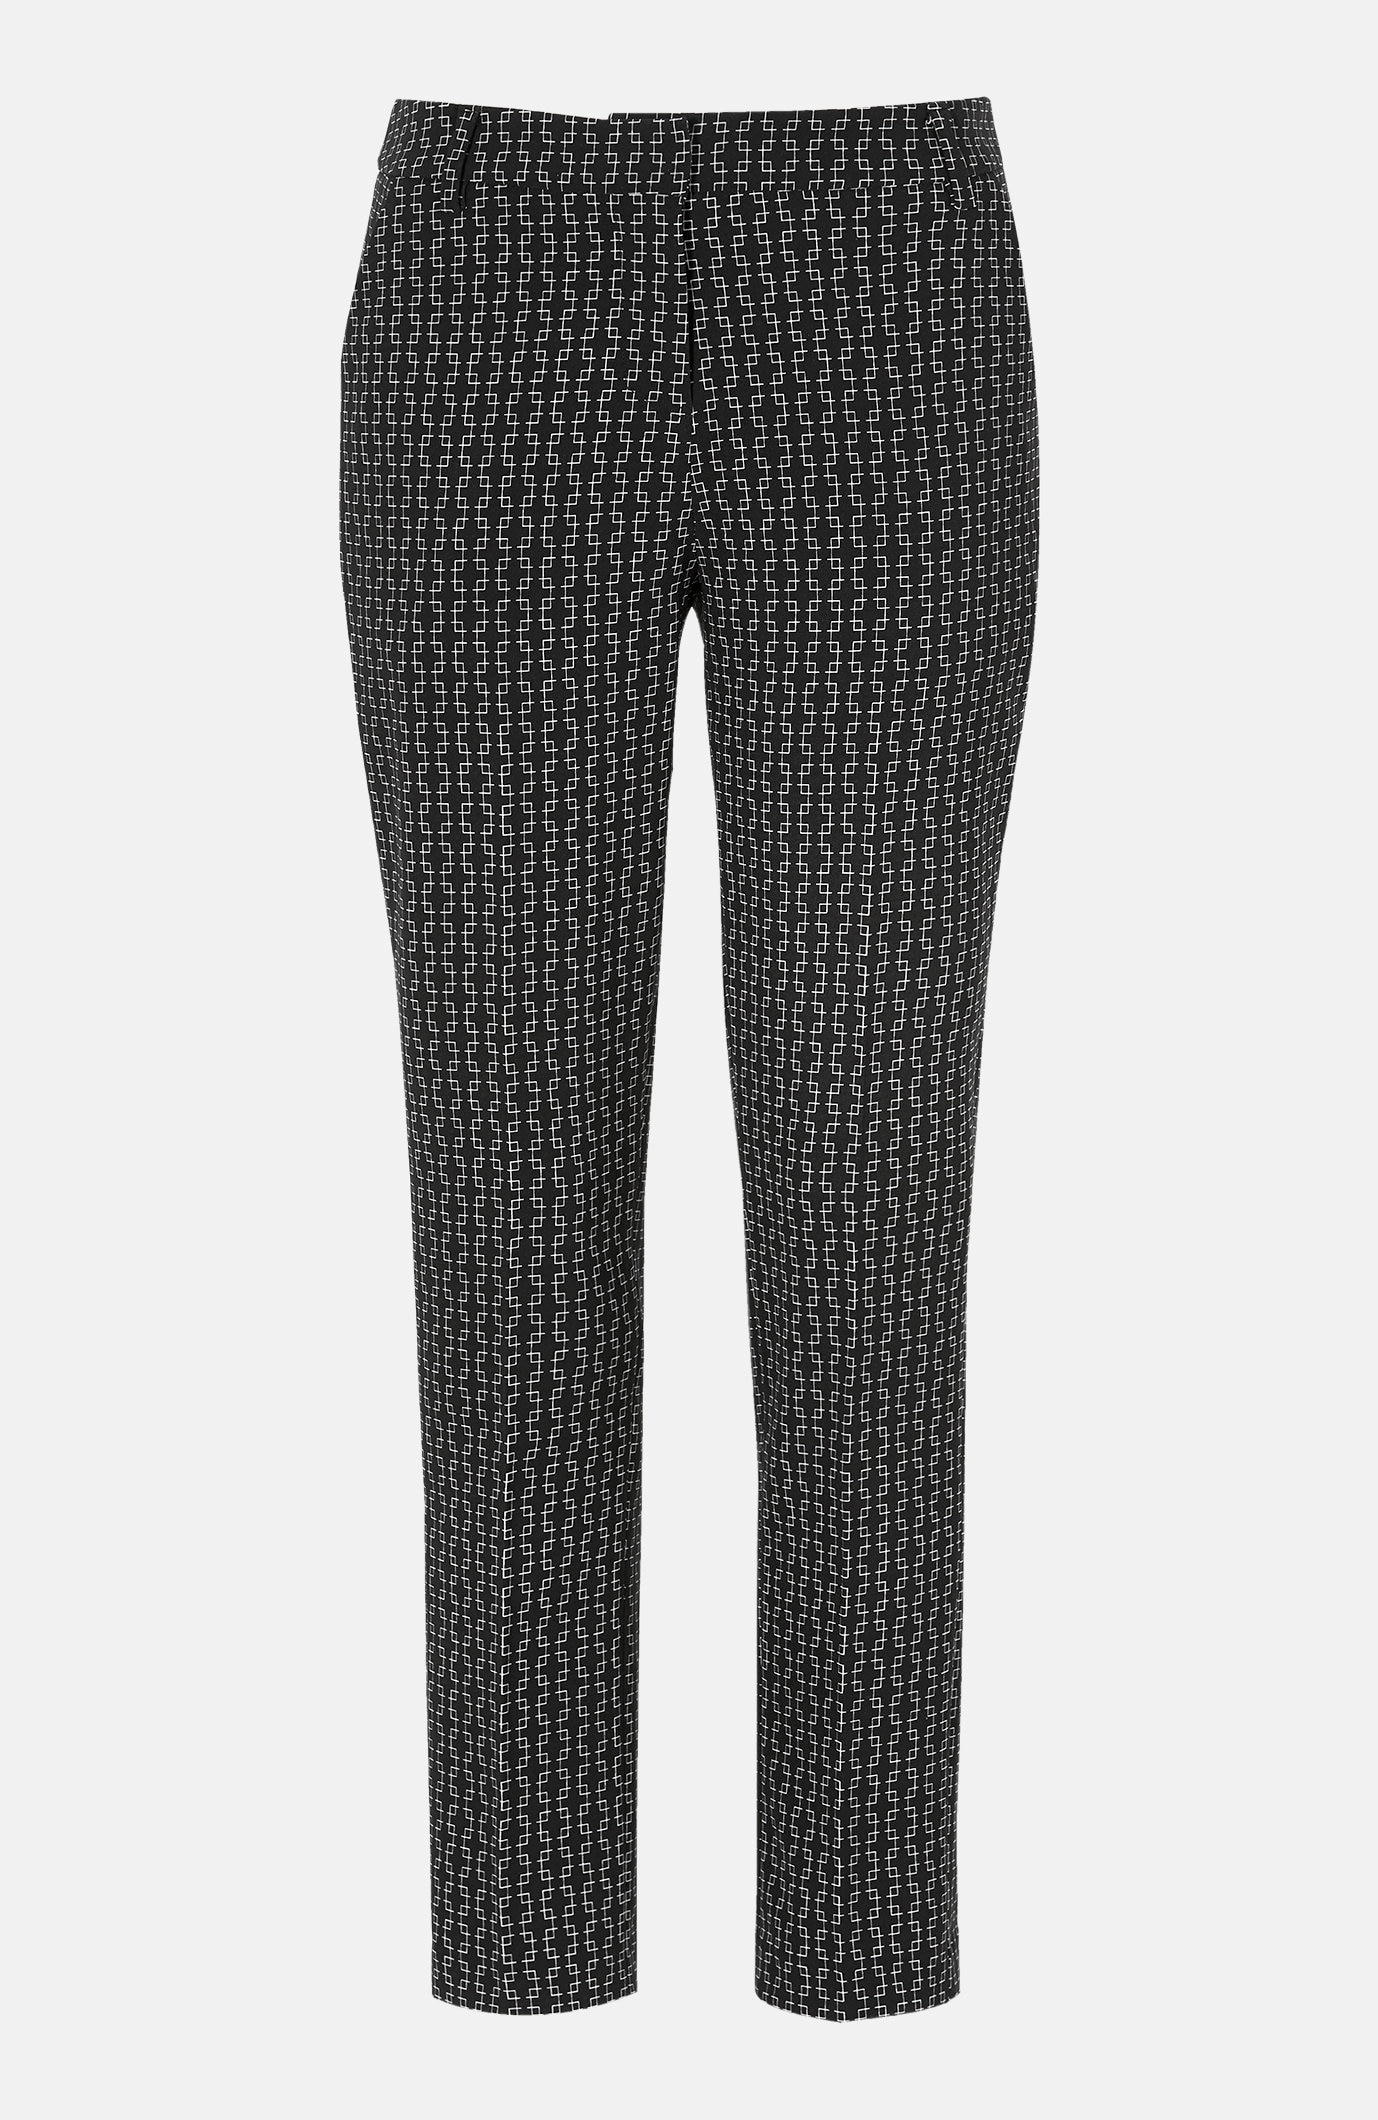 Luźne eleganckie spodnie zkantem